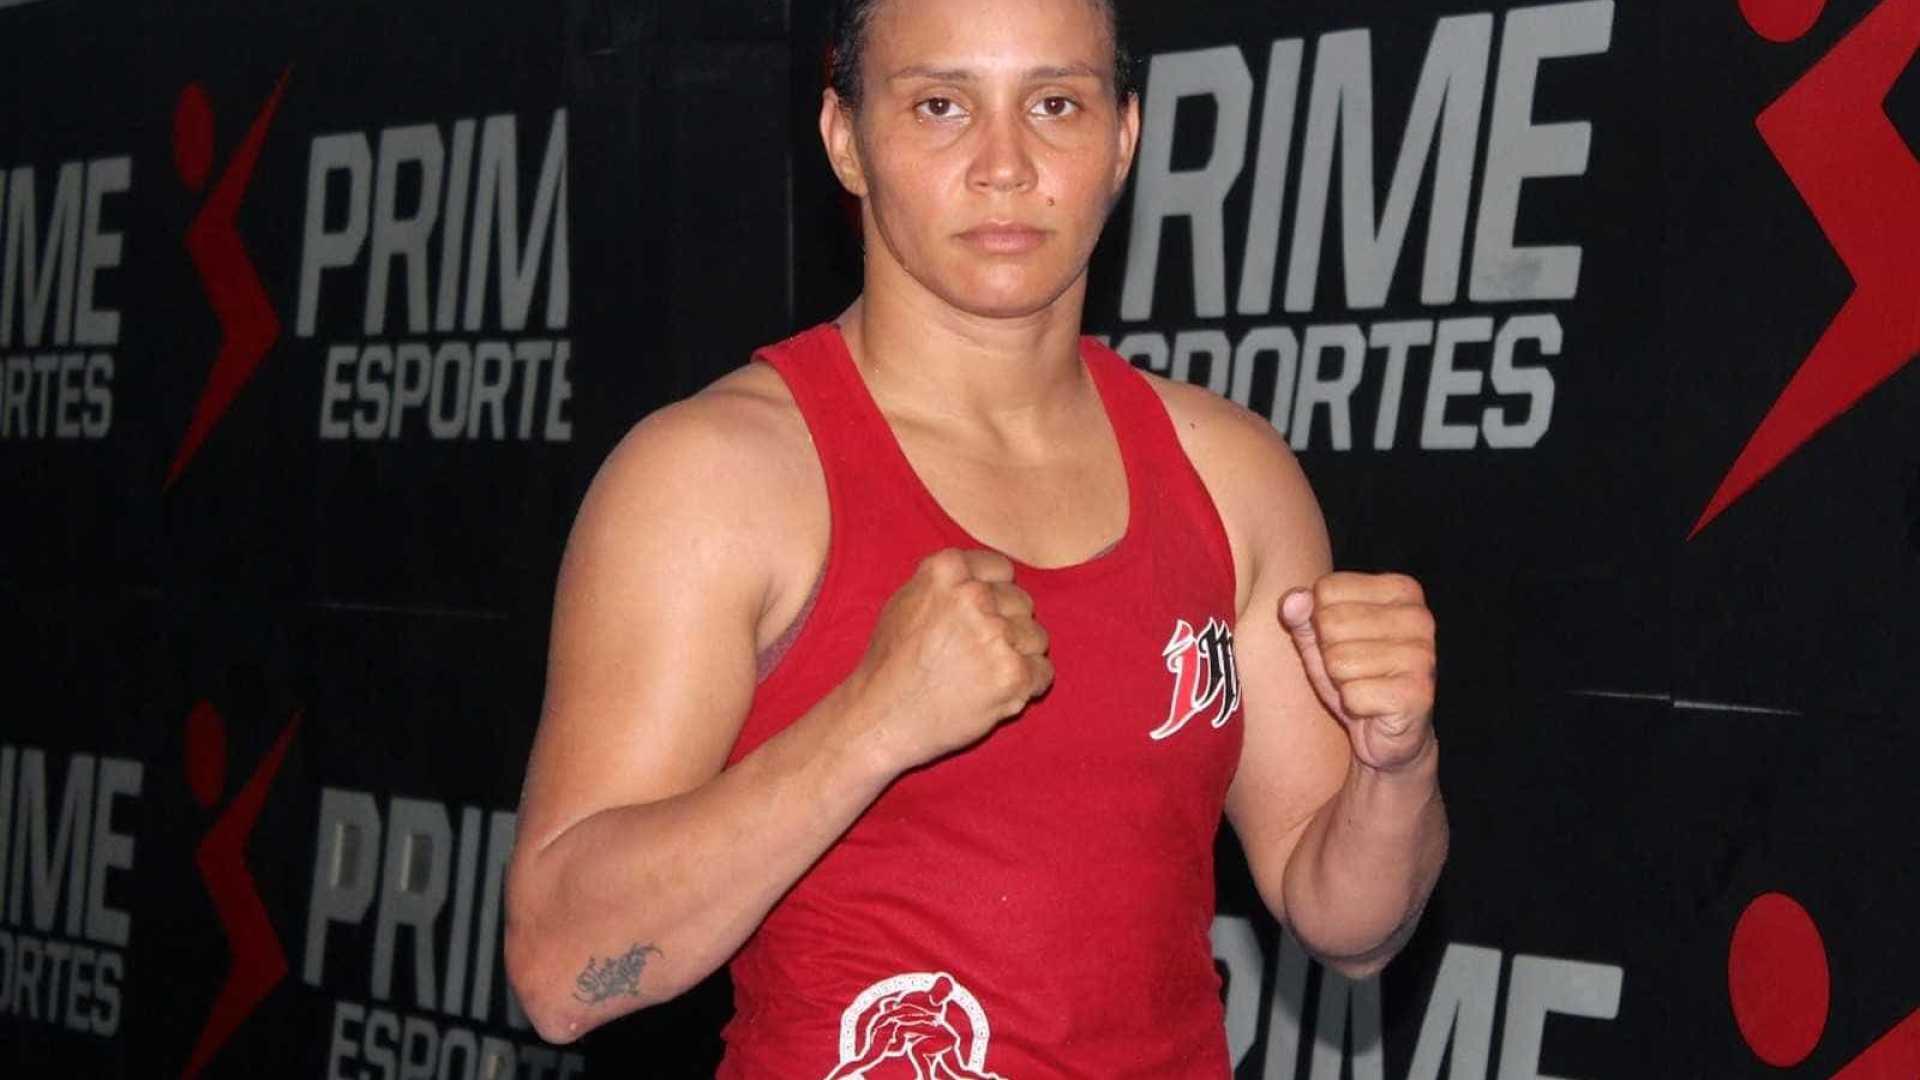 naom 5abbe200b0eca - Brasileira do UFC pega suspensão de 2 anos por doping